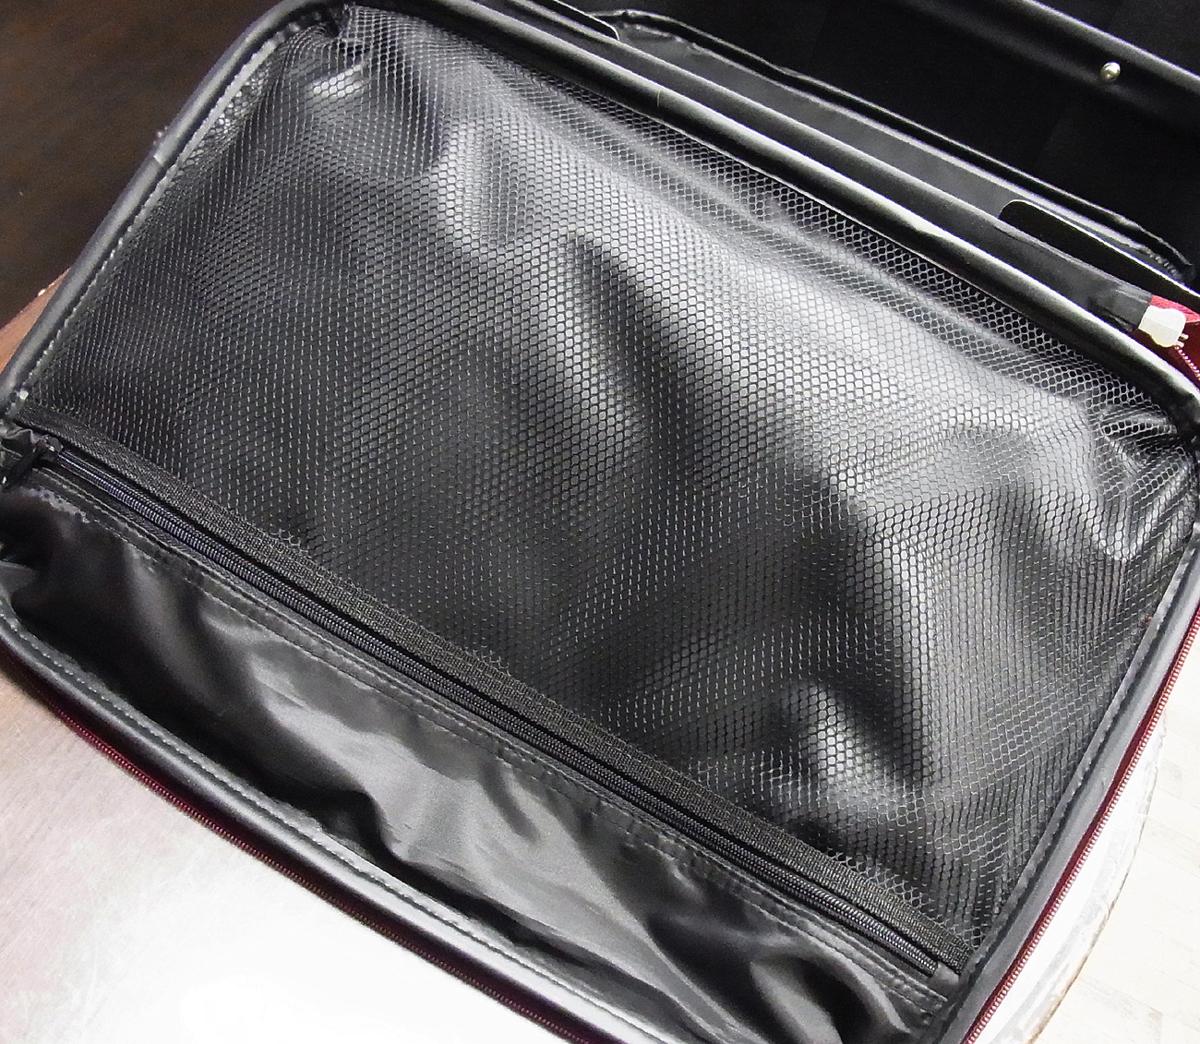 JETAGE/ジェットエイジ ソフト キャリーバッグ ワインレッド 機内持ち込みサイズ 鍵欠品 キャリーケース/スーツケース/トラベルバッグ_画像5